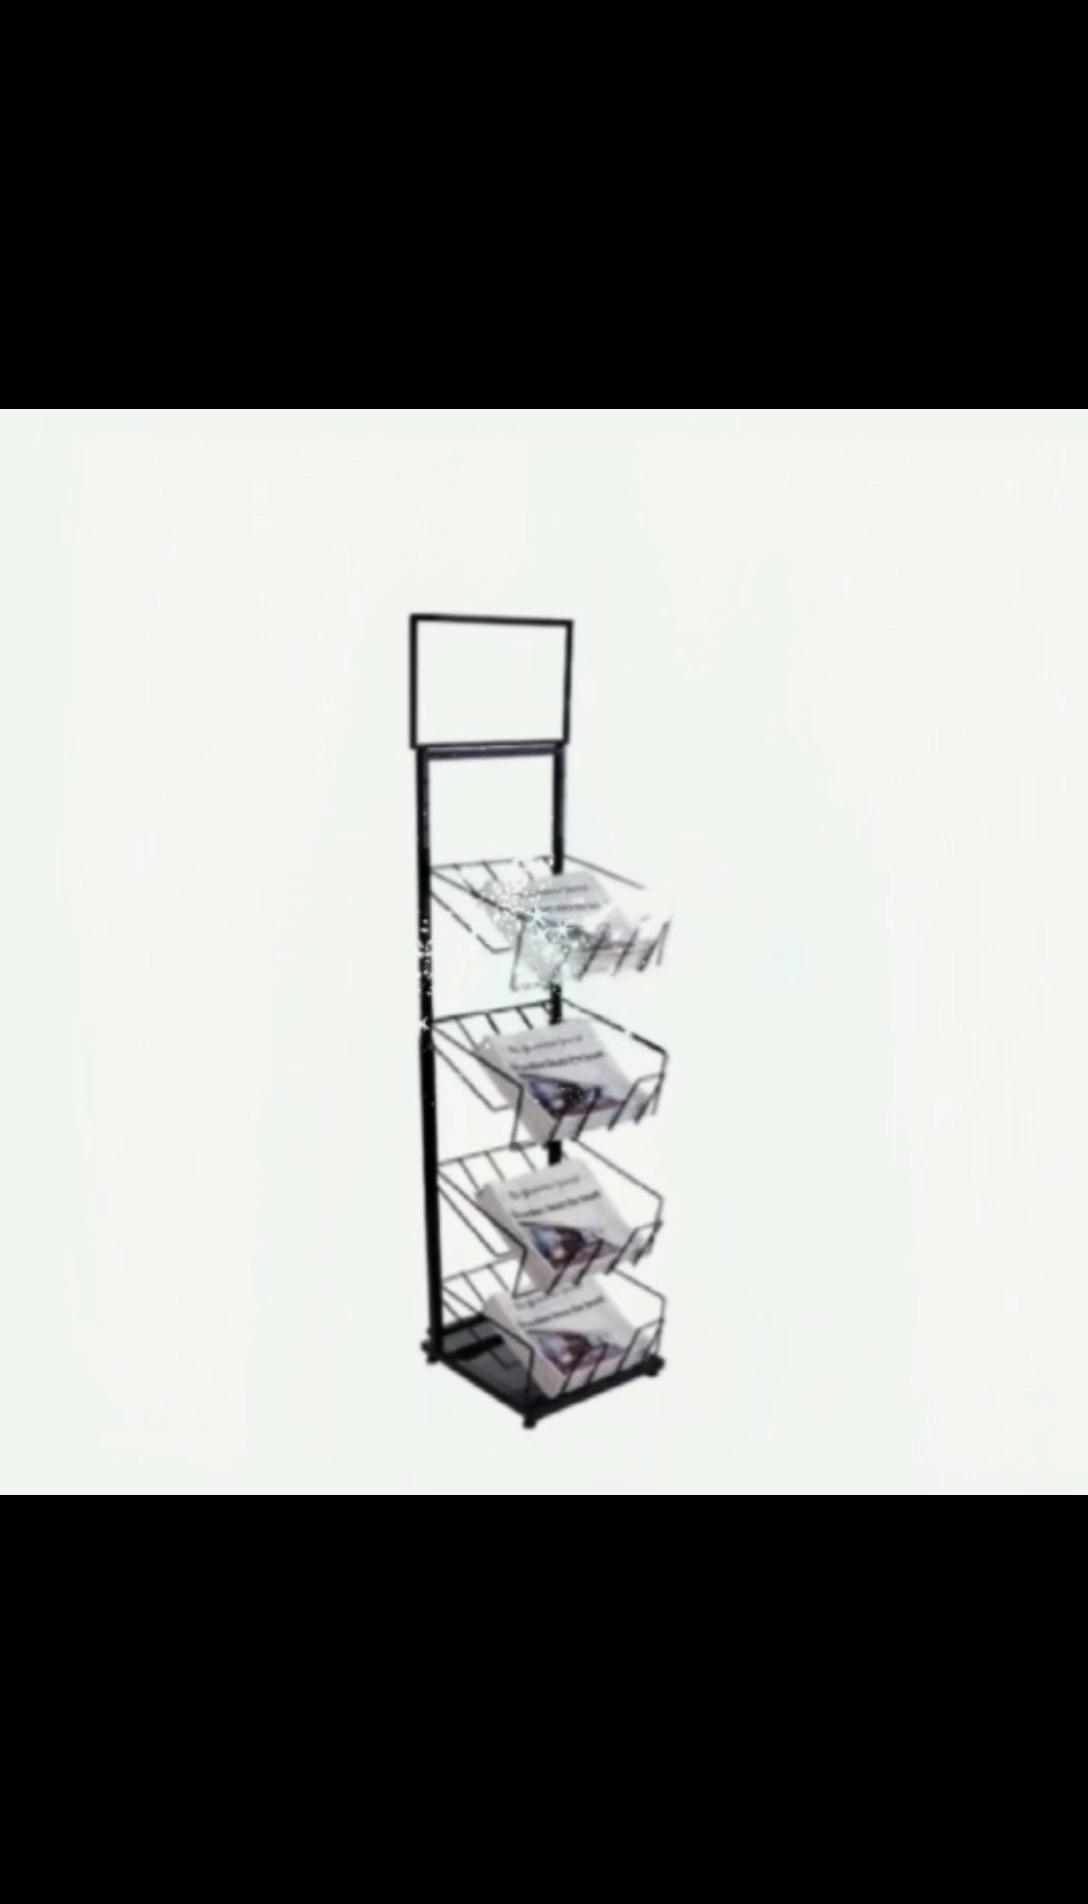 RuiMei — présentoir pour journaux, bibliothèque, prix d'usine, nouveau Design